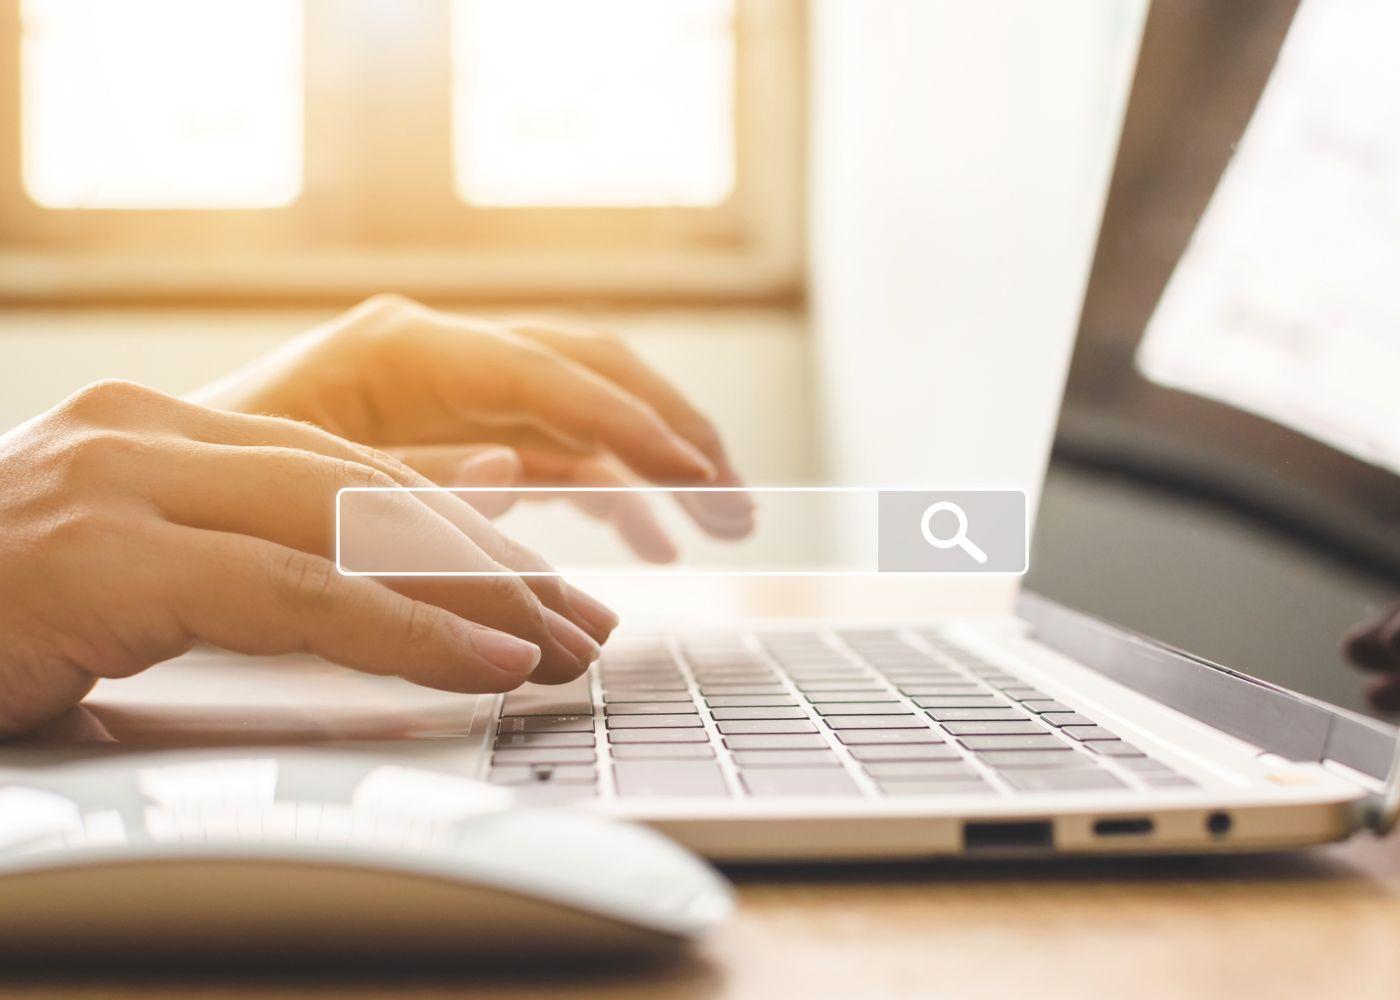 pessoa a trabalhar no computador